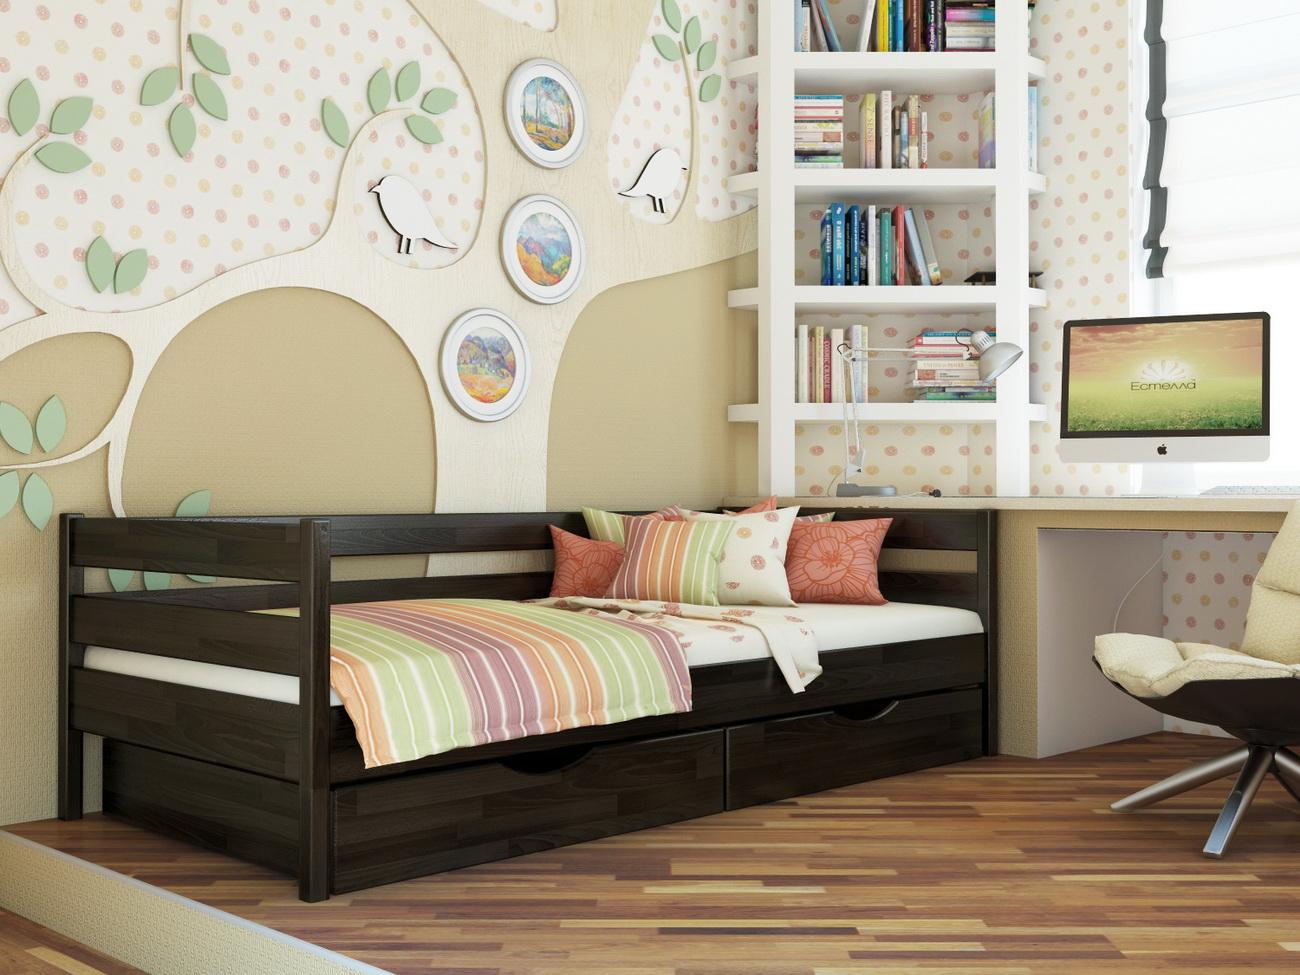 Кровать для ребенка из темного дерева